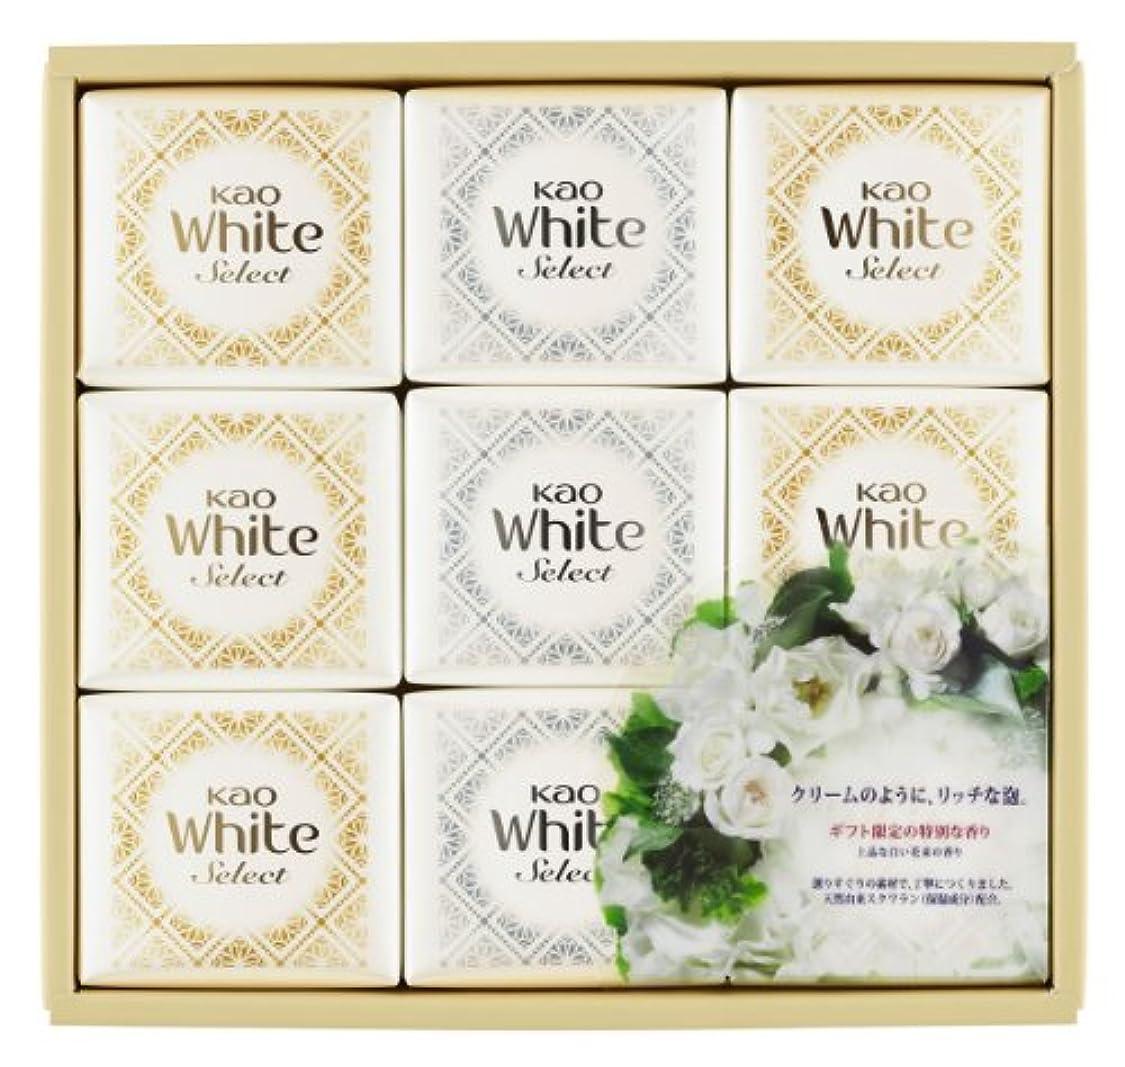 スイッチ実際に我慢する花王ホワイト セレクト 上品な白い花束の香り 85g 9コ K?WS-15